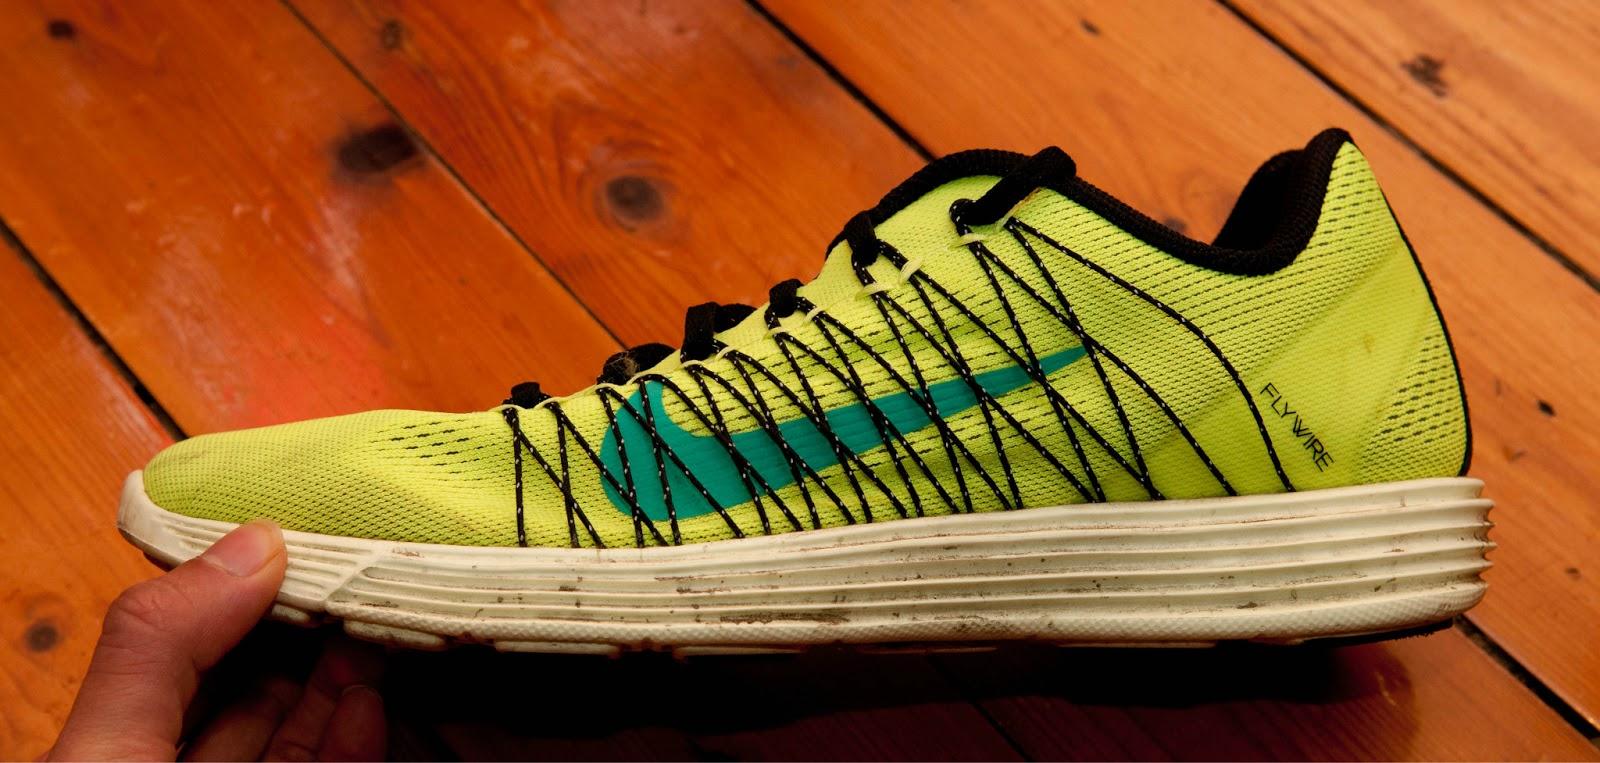 brand new 0e536 7c1f4 Nike LunaRacer+ 3 review